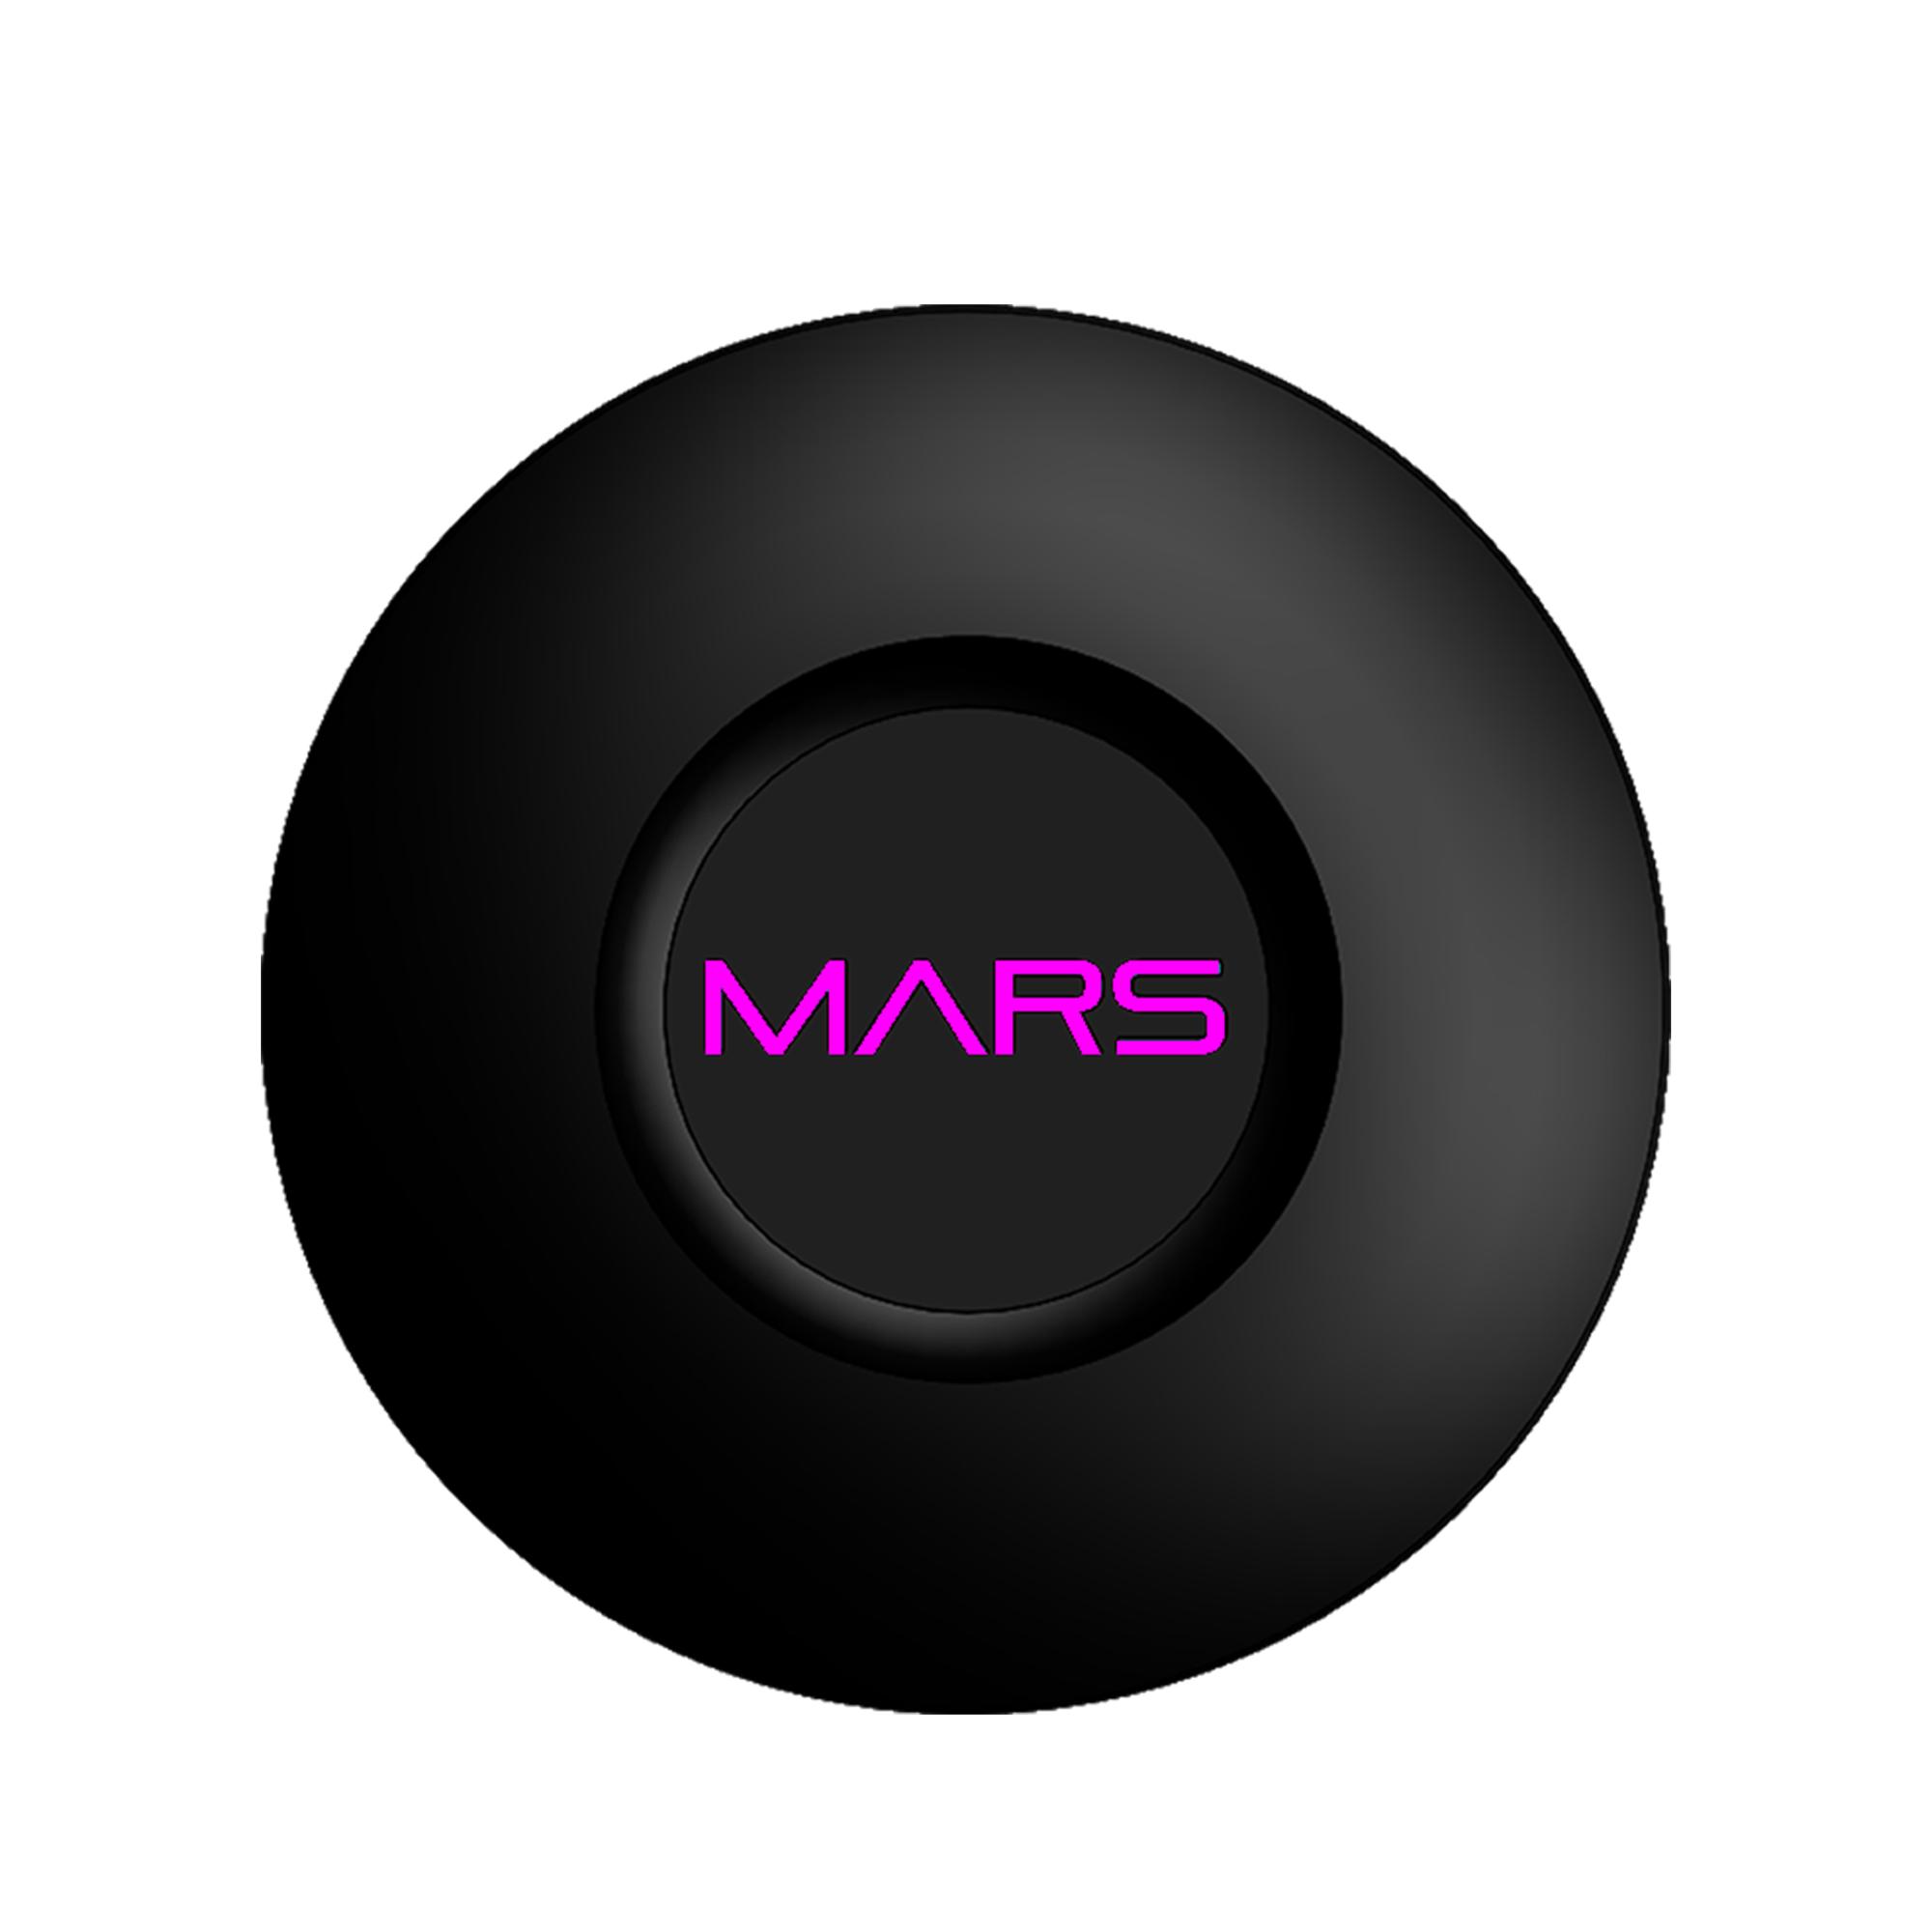 کنترلر آبیاری مارس مدل Garc4